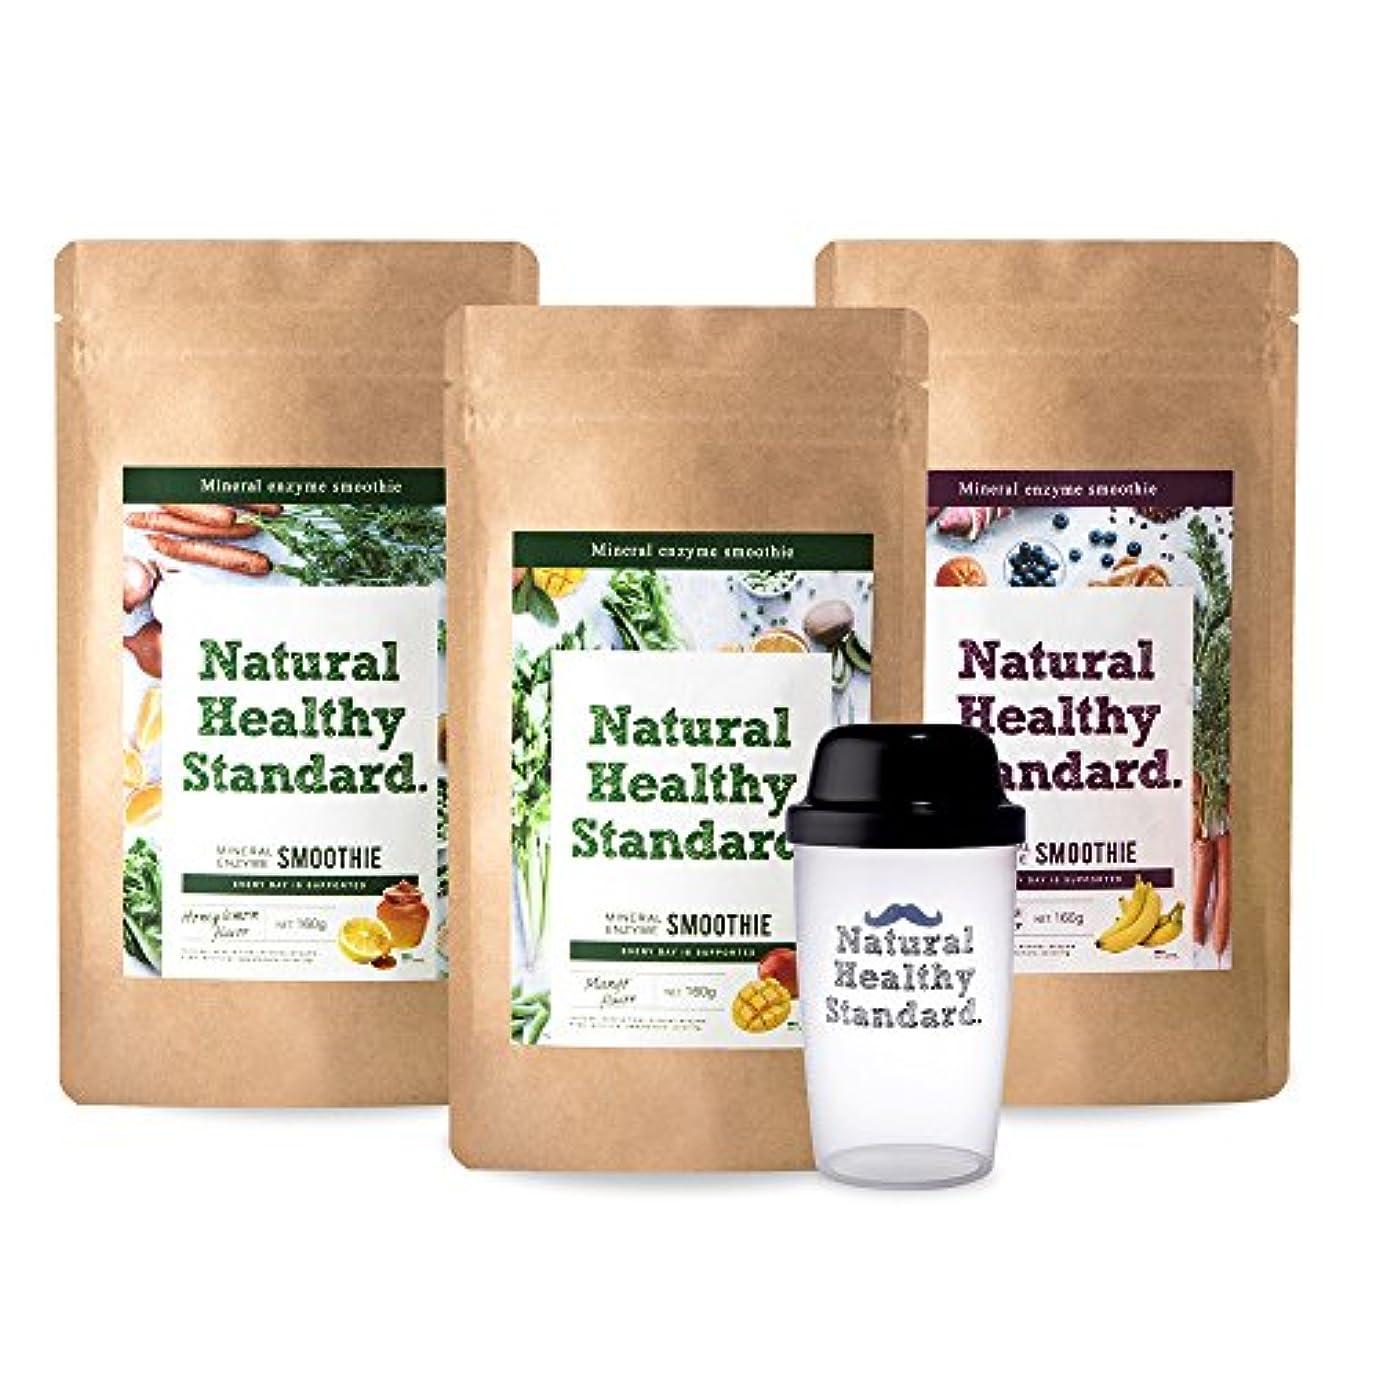 仲間、同僚崇拝する優先Natural Healthy Standard. 選べるスムージー3袋セット マンゴー はちみつレモン アサイーバナナ 160g×3袋